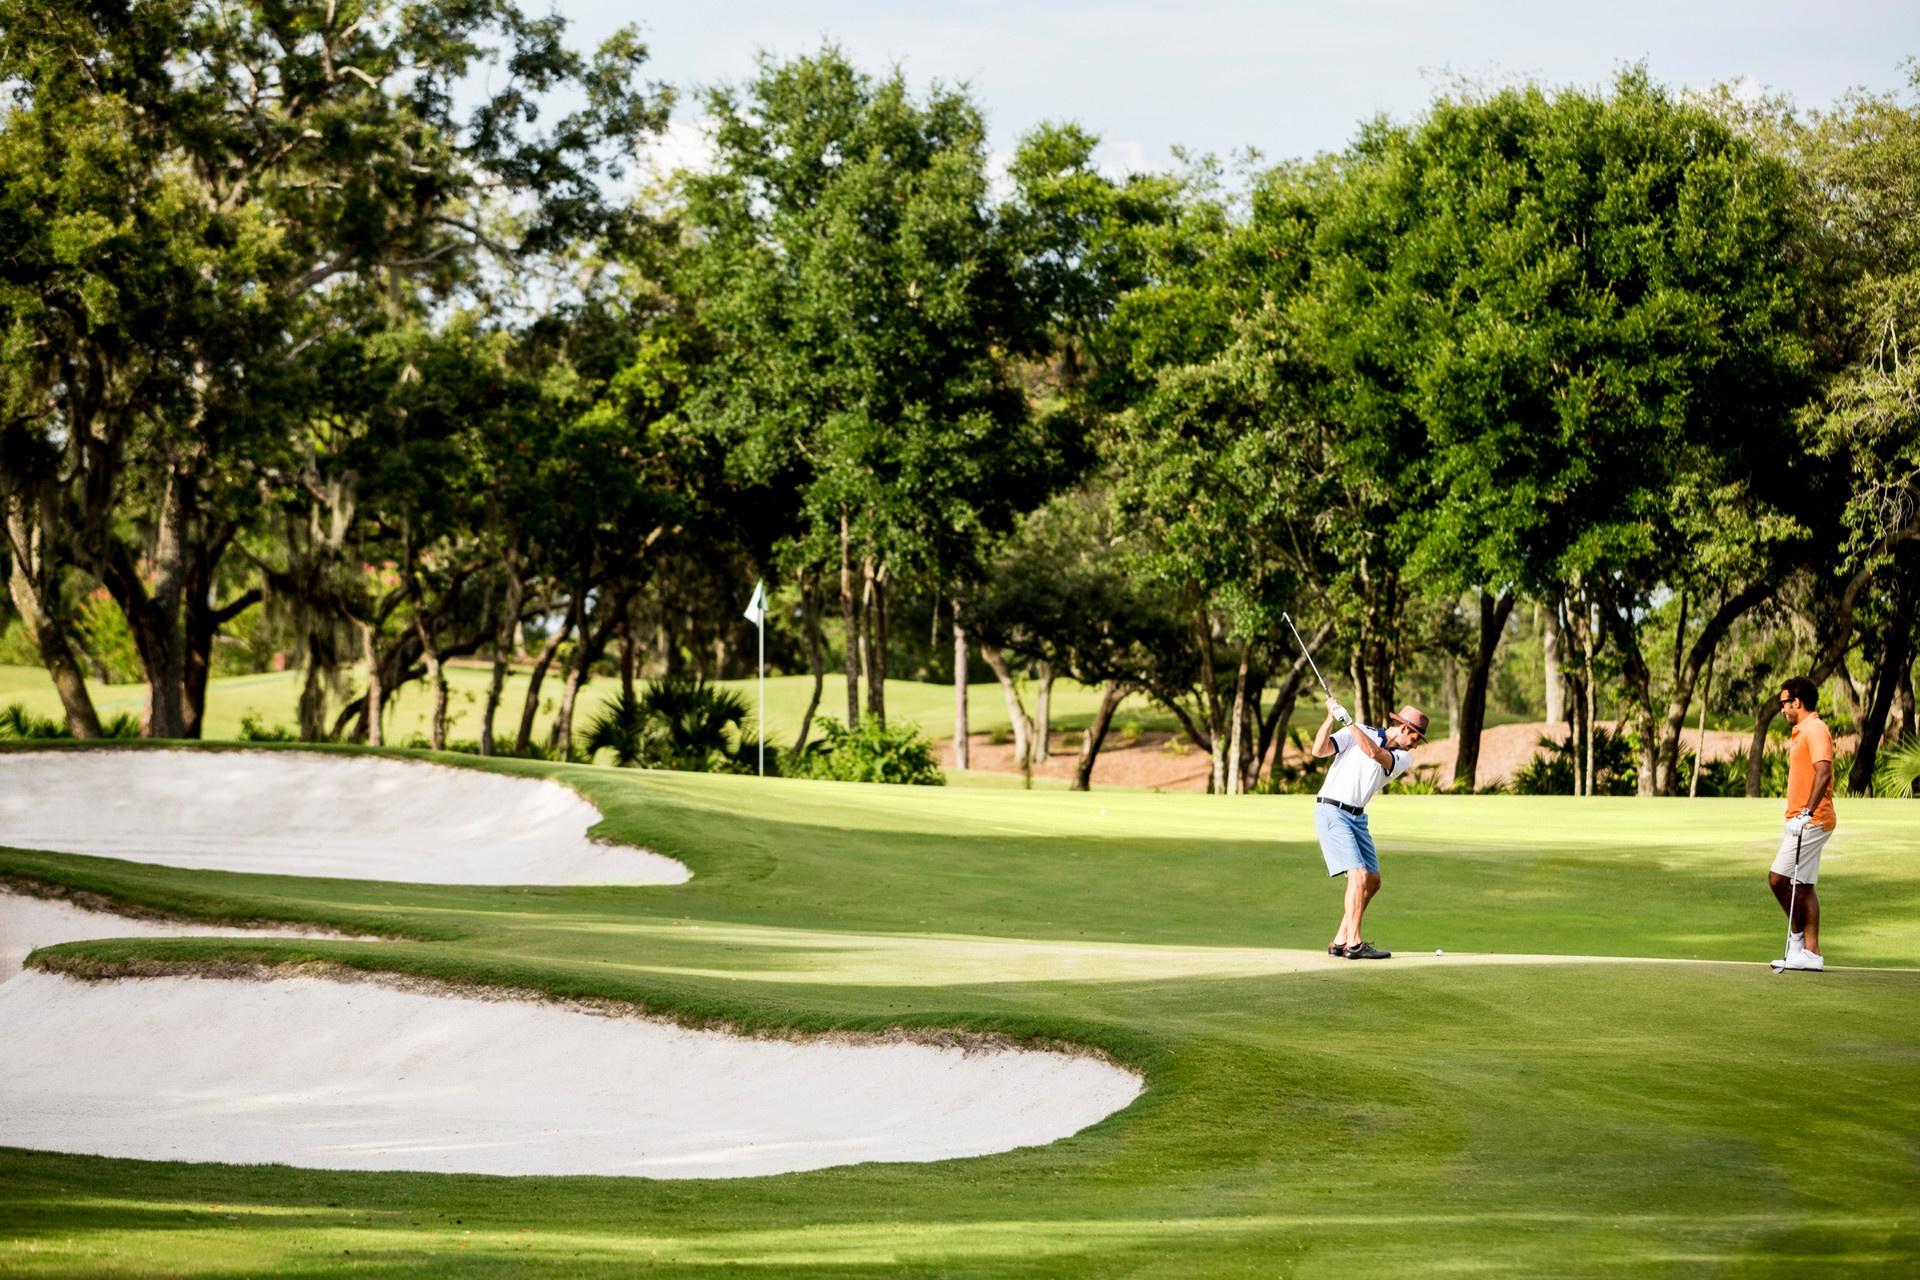 Tranquilo Golf Course 2 - Four Seasons Orlando